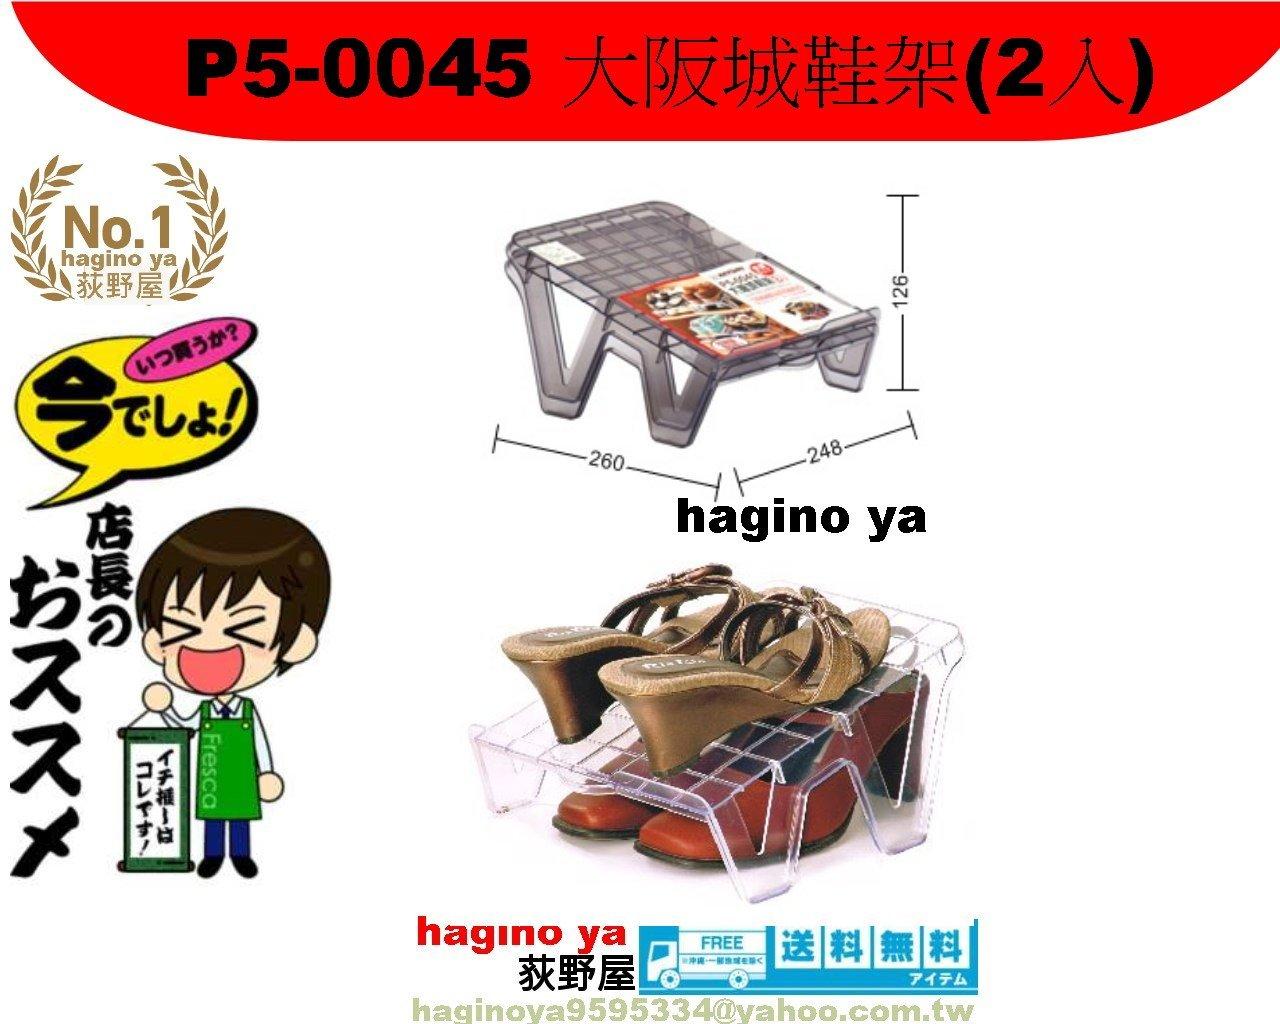 荻野屋 P5-0045 大阪城鞋架(2入) 收納架 收納鞋架 透明鞋架 鞋櫃收納 直